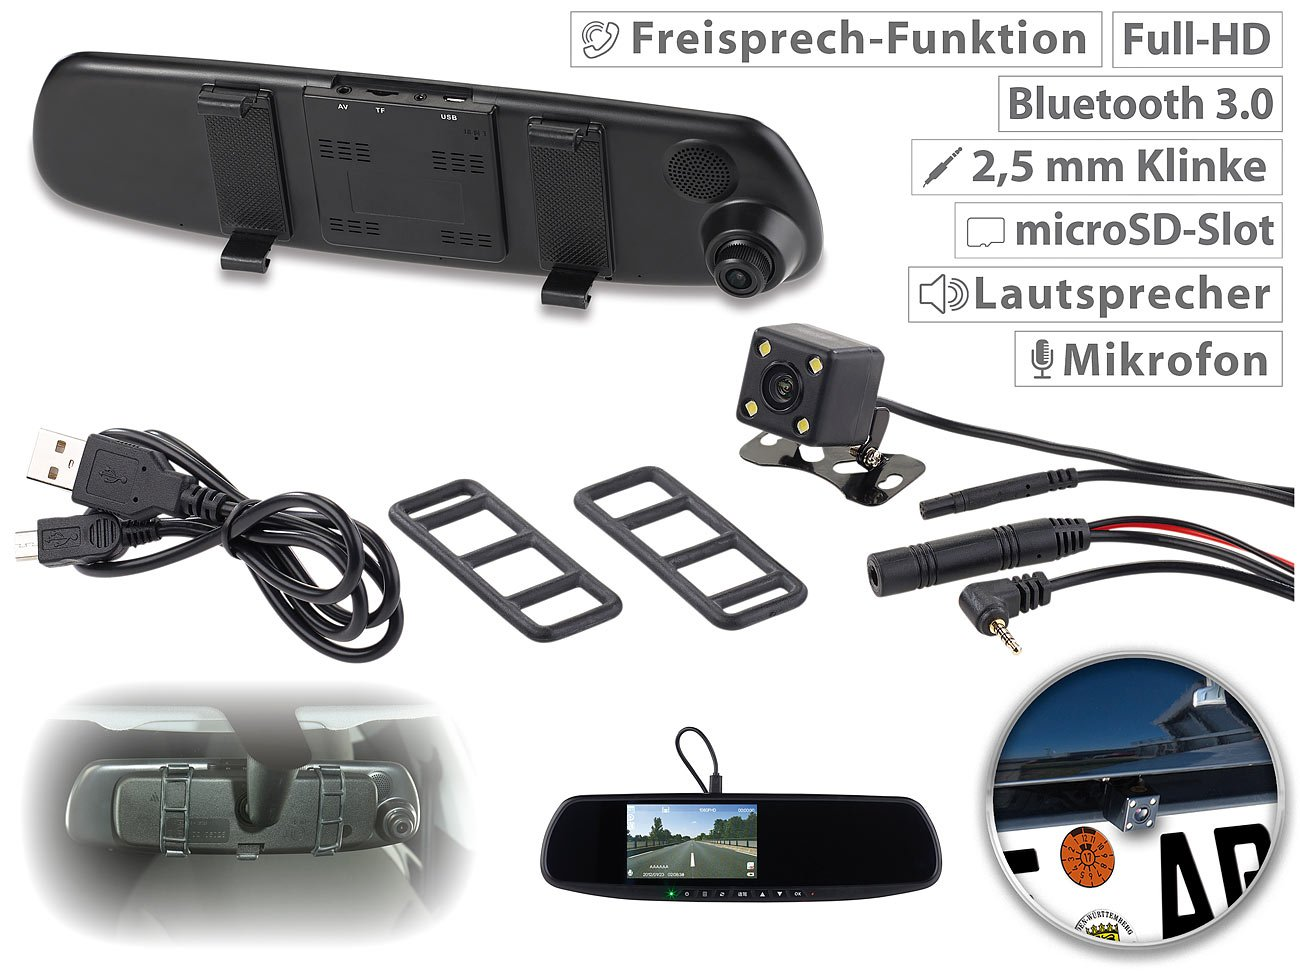 NavGear-Rckfahrkamera-Spiegel-Full-HD-Rckspiegel-Dashcam-mit-Rckfahr-Kamera-114-cm-Display-FSE-Rckfahrkamera-Rckspiegel